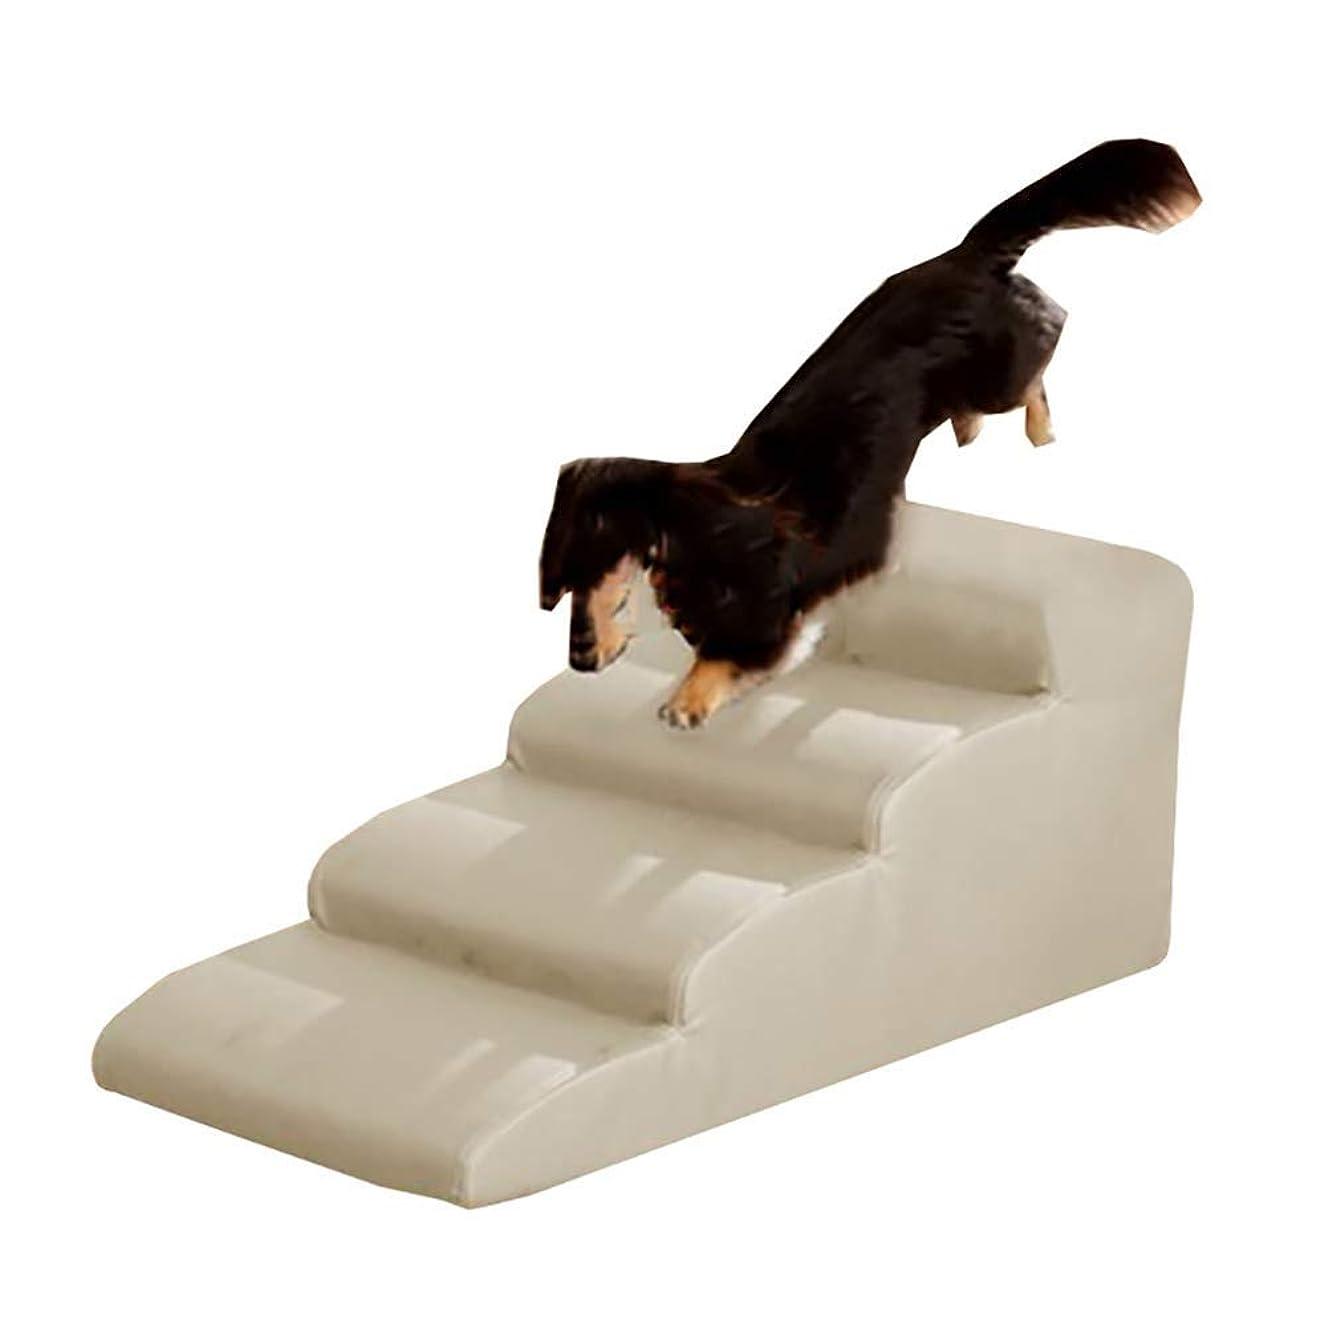 プラスチックピルファーどんよりしたドッグステップ- 猫と犬のための4つのステップ犬の階段/ペットランプ、取り外し可能なPUカバー付きのソファーベッドの梯子を登る - ベージュ (サイズ さいず : High 40cm)